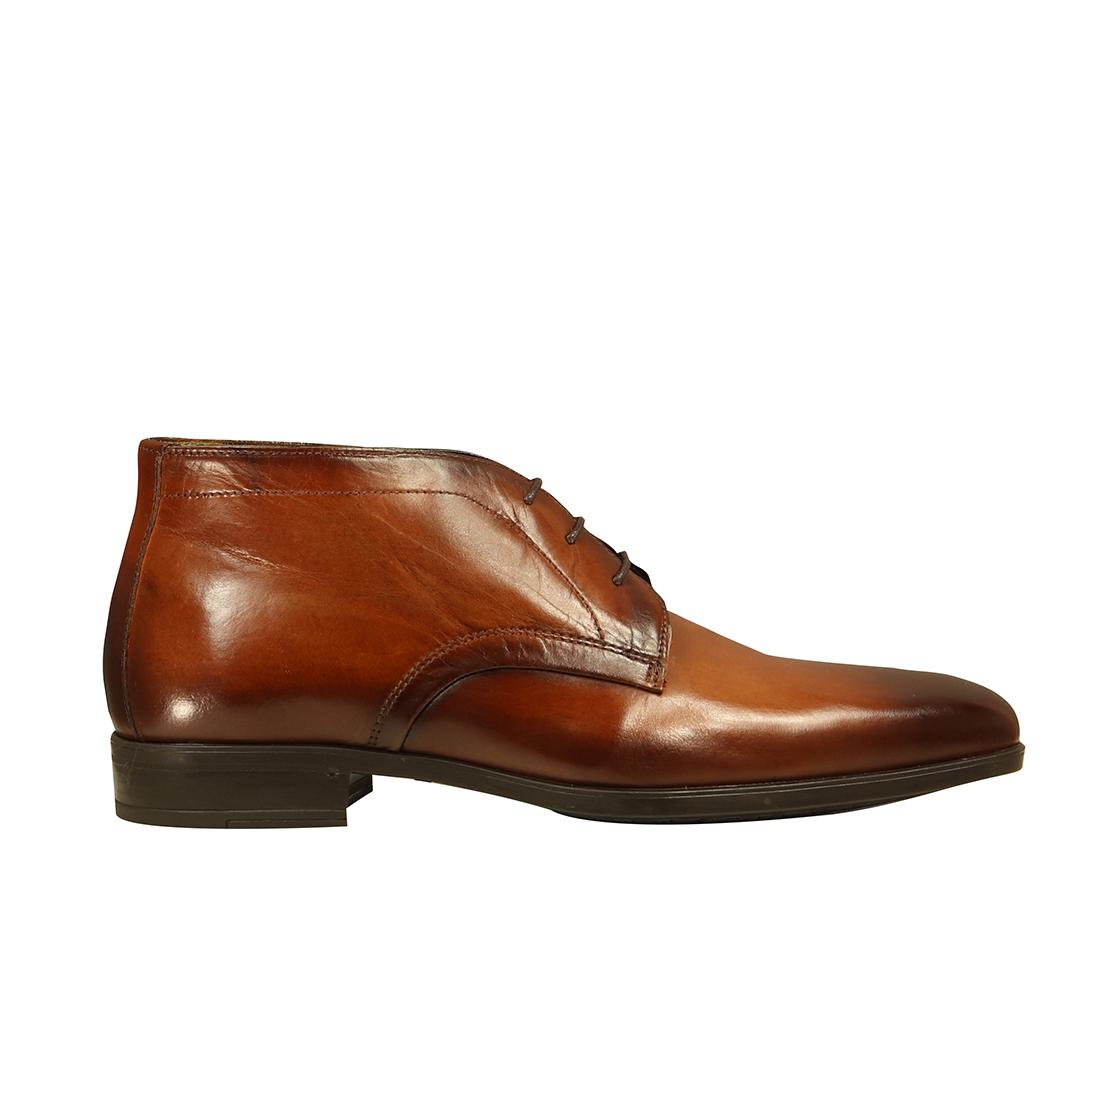 Giorgio schoenen 38205-scandicce in het Camel